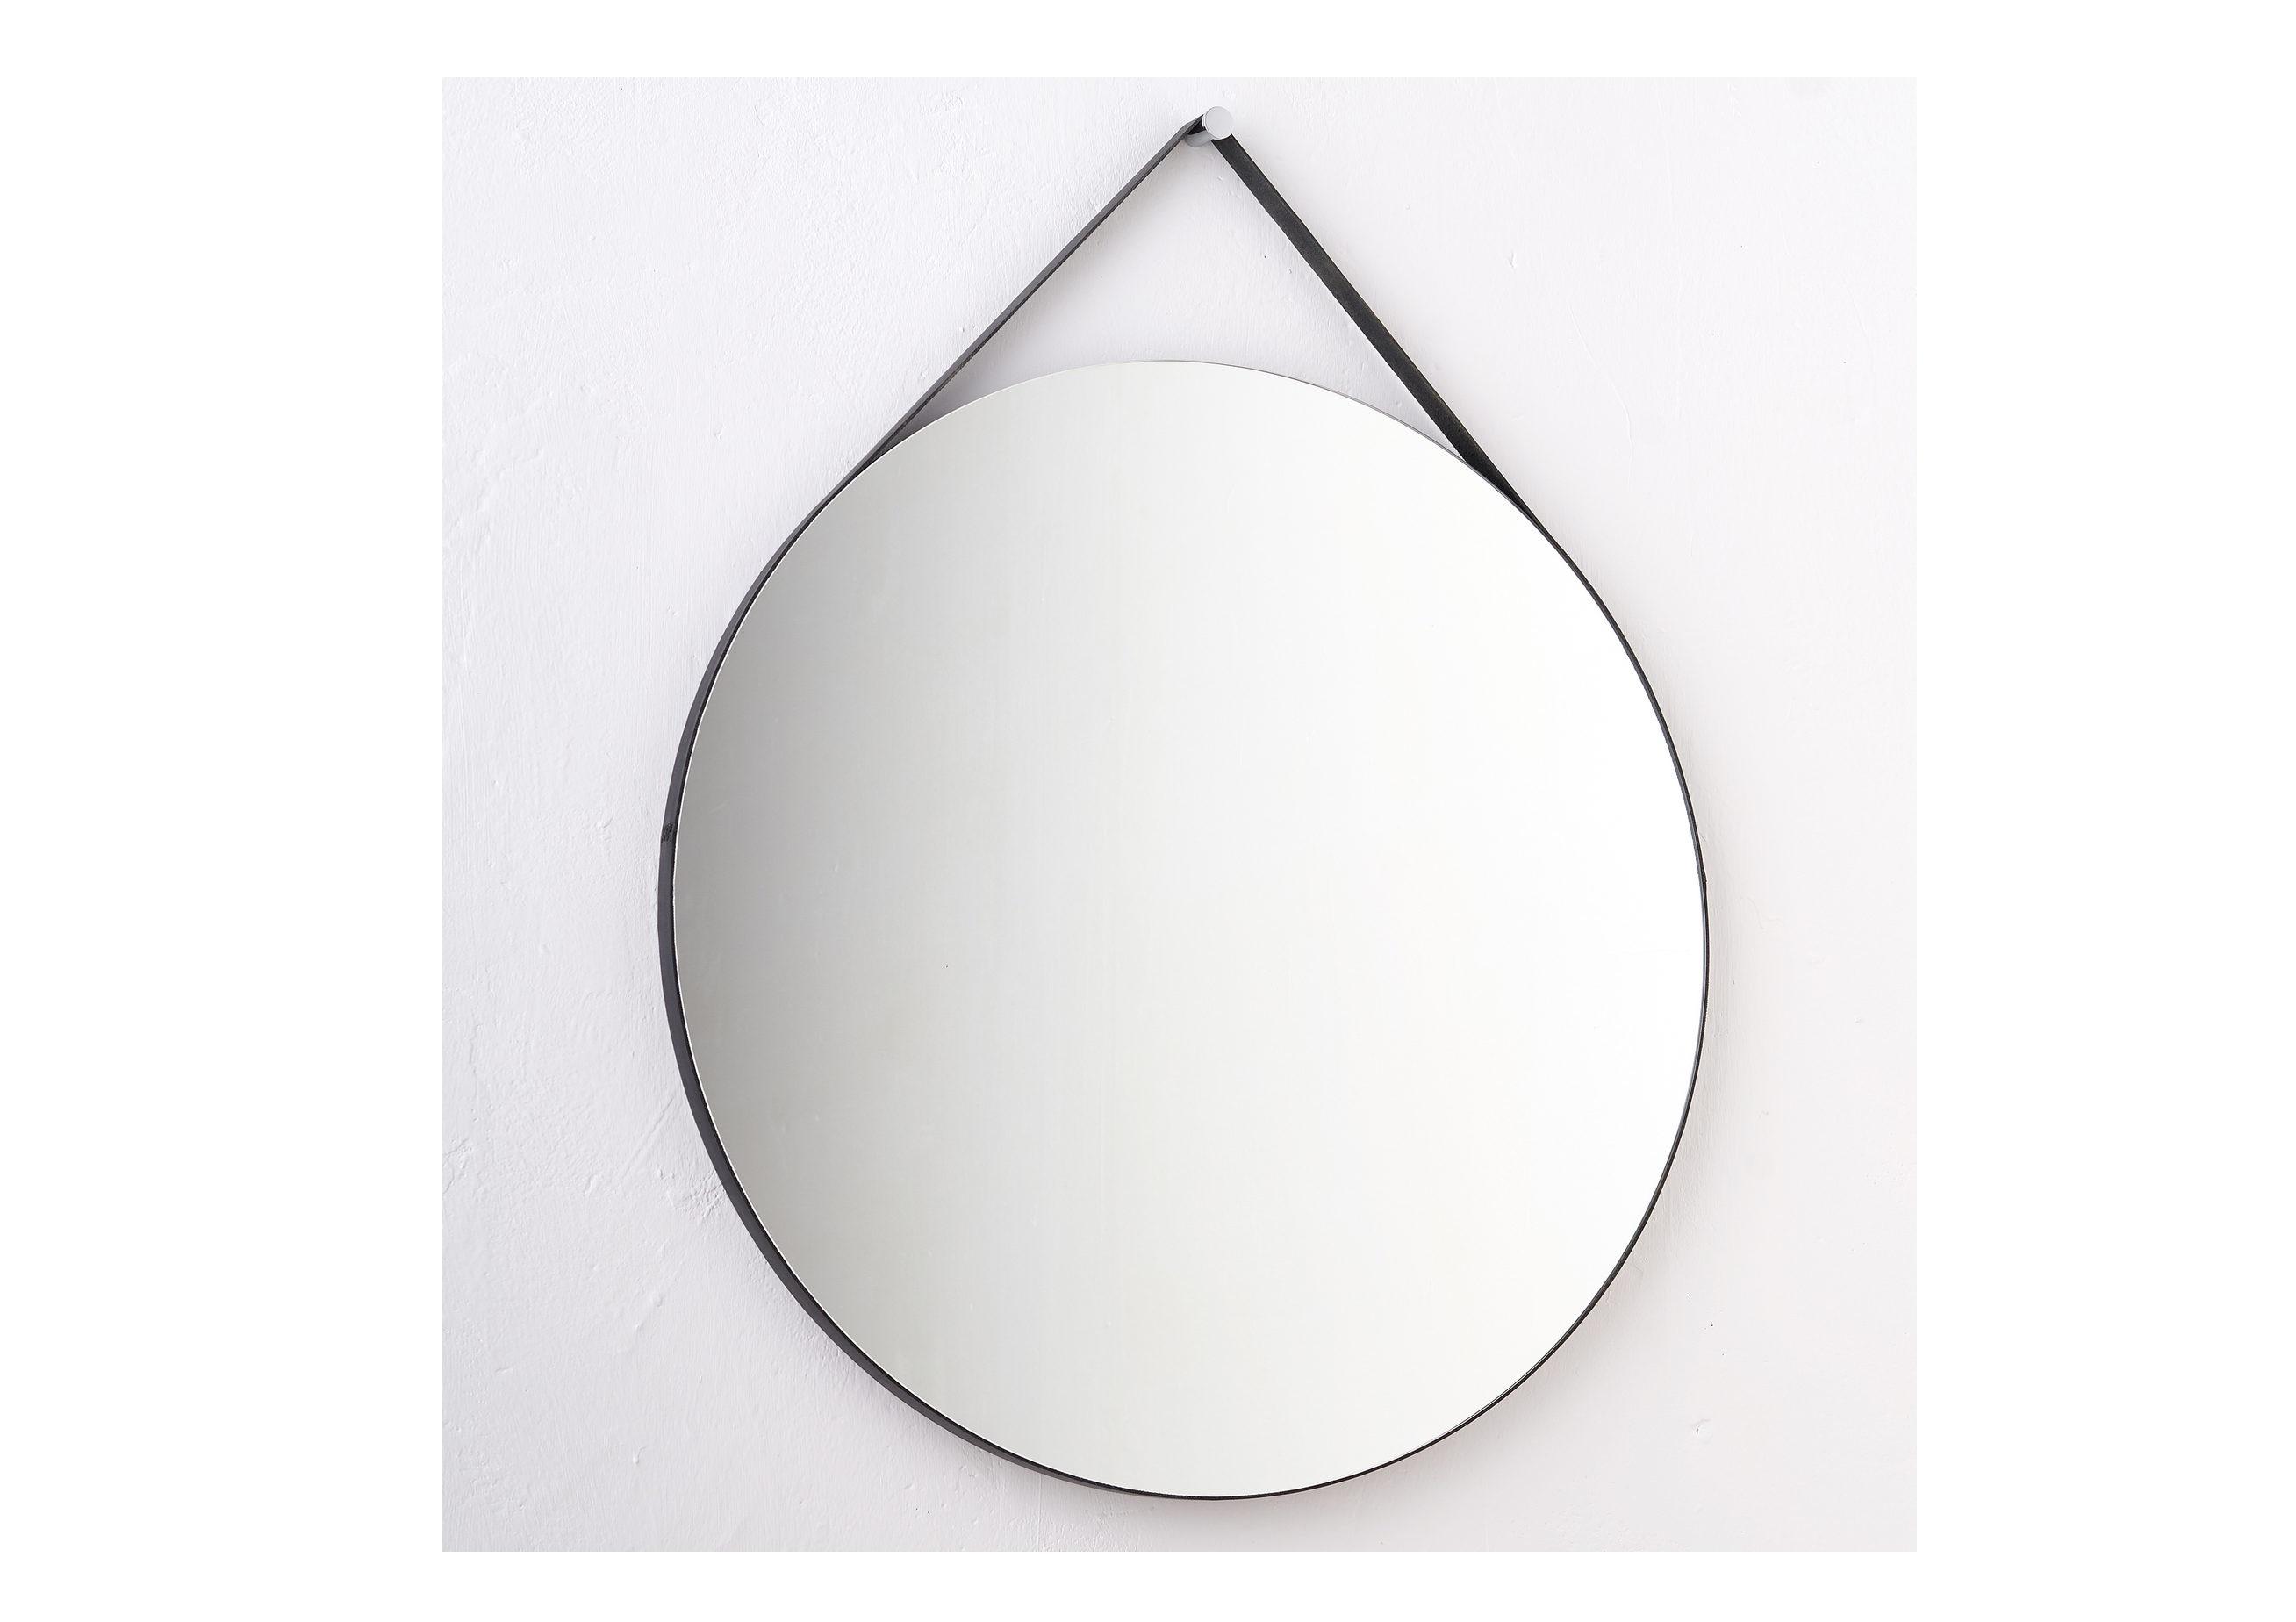 Круглое зеркало на ремне (banska) черный 70x87x2.4 см.